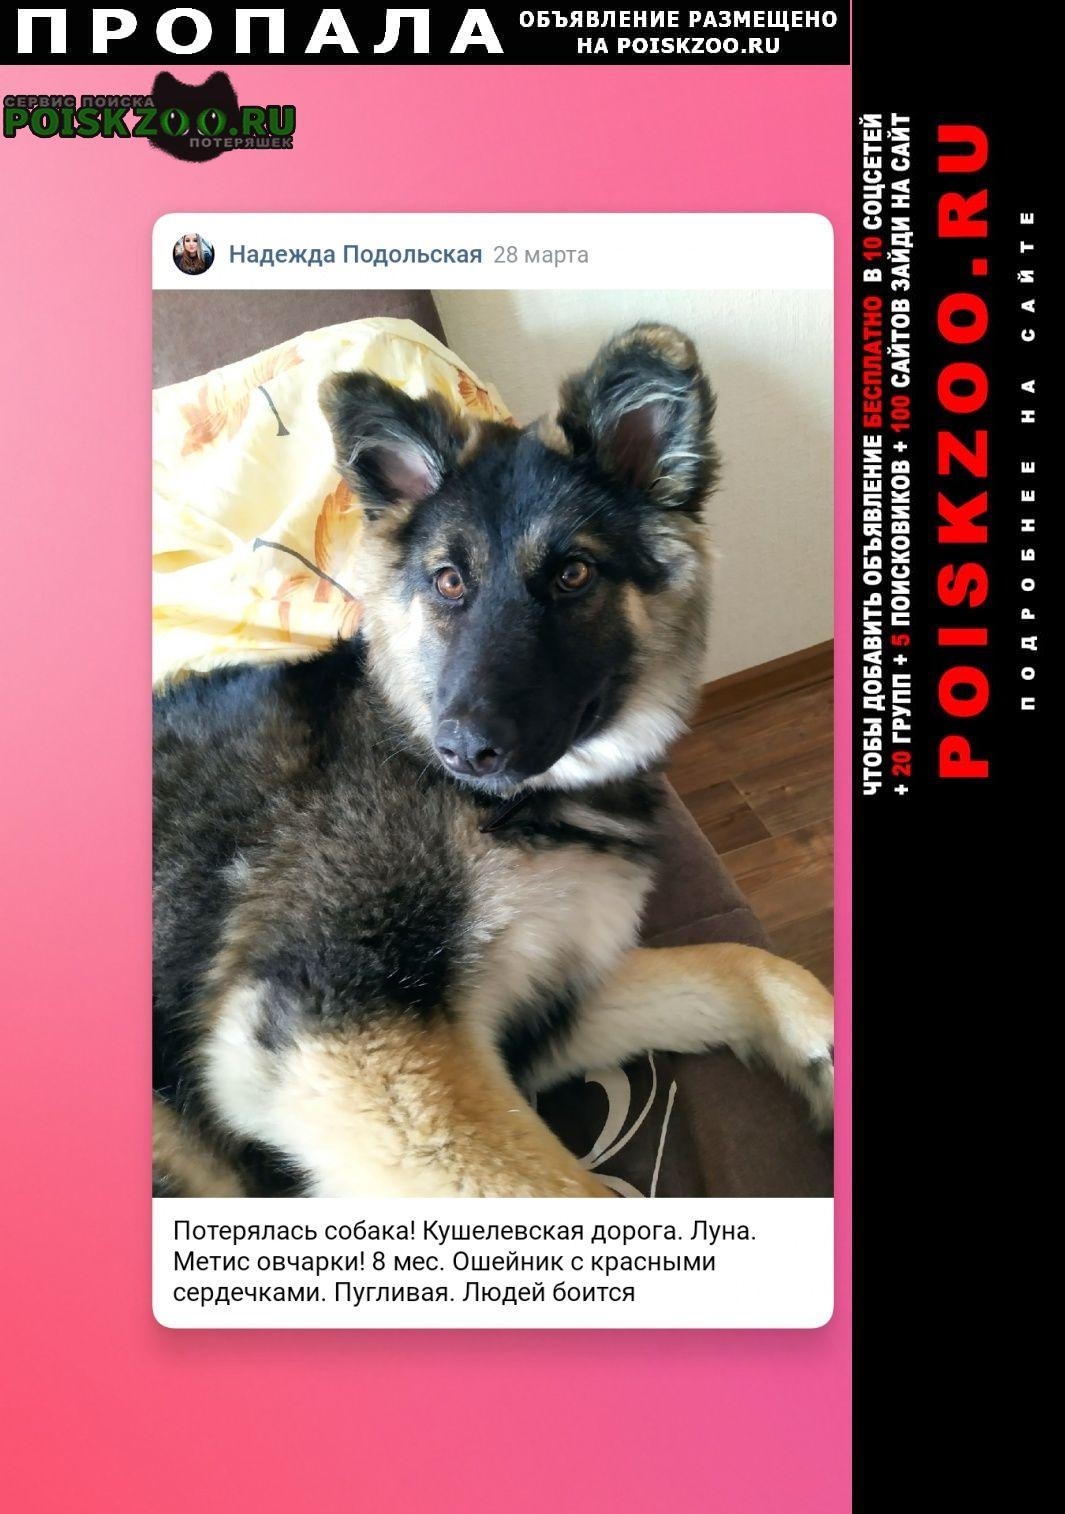 Пропала собака луна, найдись Санкт-Петербург